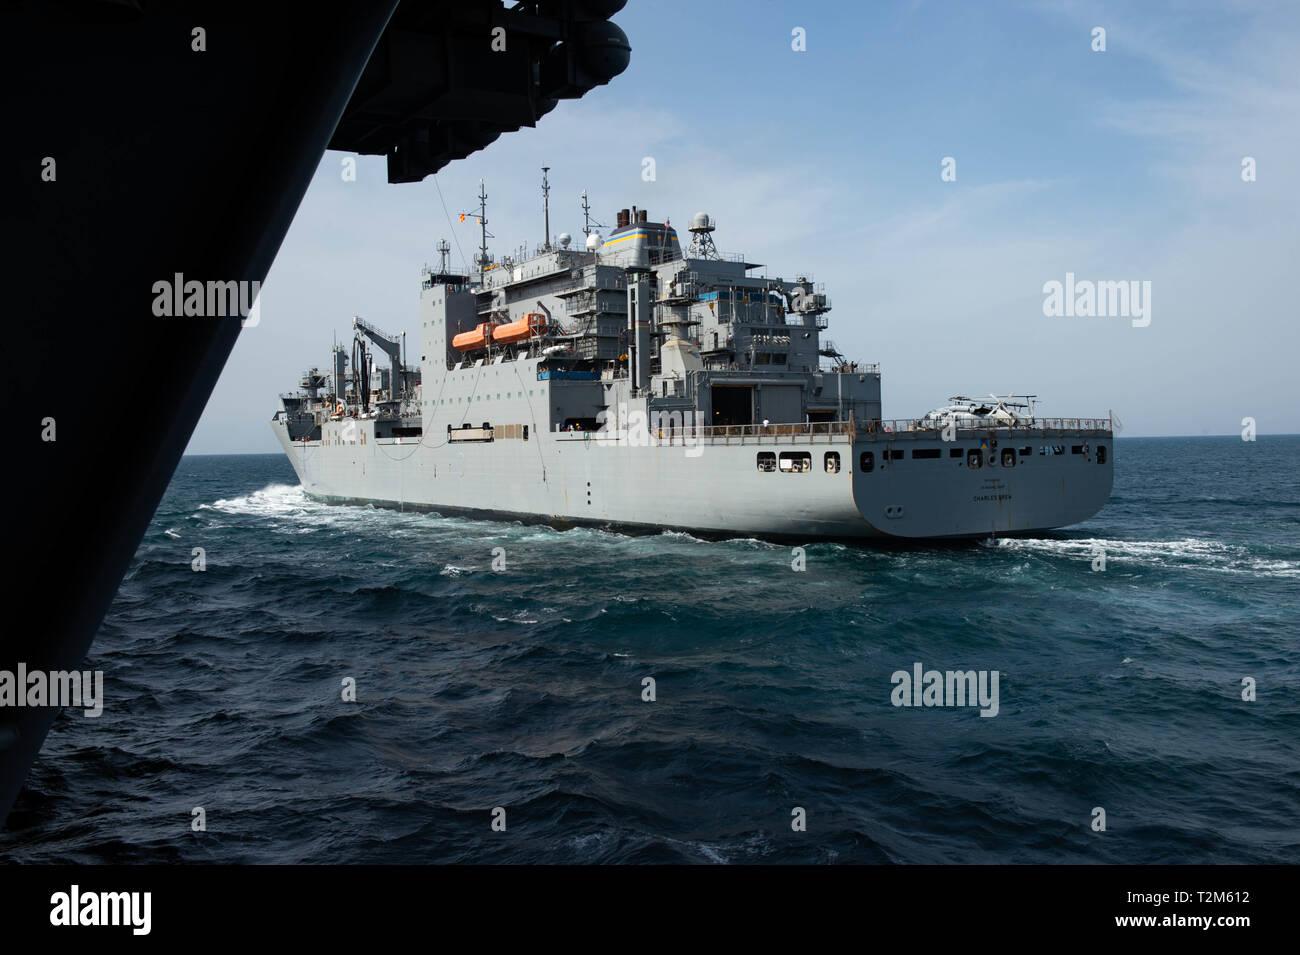 Les cargaisons sèches et de munitions ship USNS Charles Drew (T-AKE 10) cuit avec le porte-avions USS JOHN C. STENNIS (CVN 74) au cours d'un ravitaillement en mer dans le Golfe Arabe, le 28 mars 2019. Le John C. Stennis dans le groupe est déployé pour la 5e flotte américaine zone d'opérations à l'appui des opérations navales pour assurer la stabilité et la sécurité maritime dans la région Centrale, reliant la Méditerranée et le Pacifique à travers l'ouest de l'Océan indien et trois points d'étranglement stratégiques. (U.S. Photo par marine Spécialiste de la communication de masse Seaman Apprentice Jordanie Ripley) Photo Stock